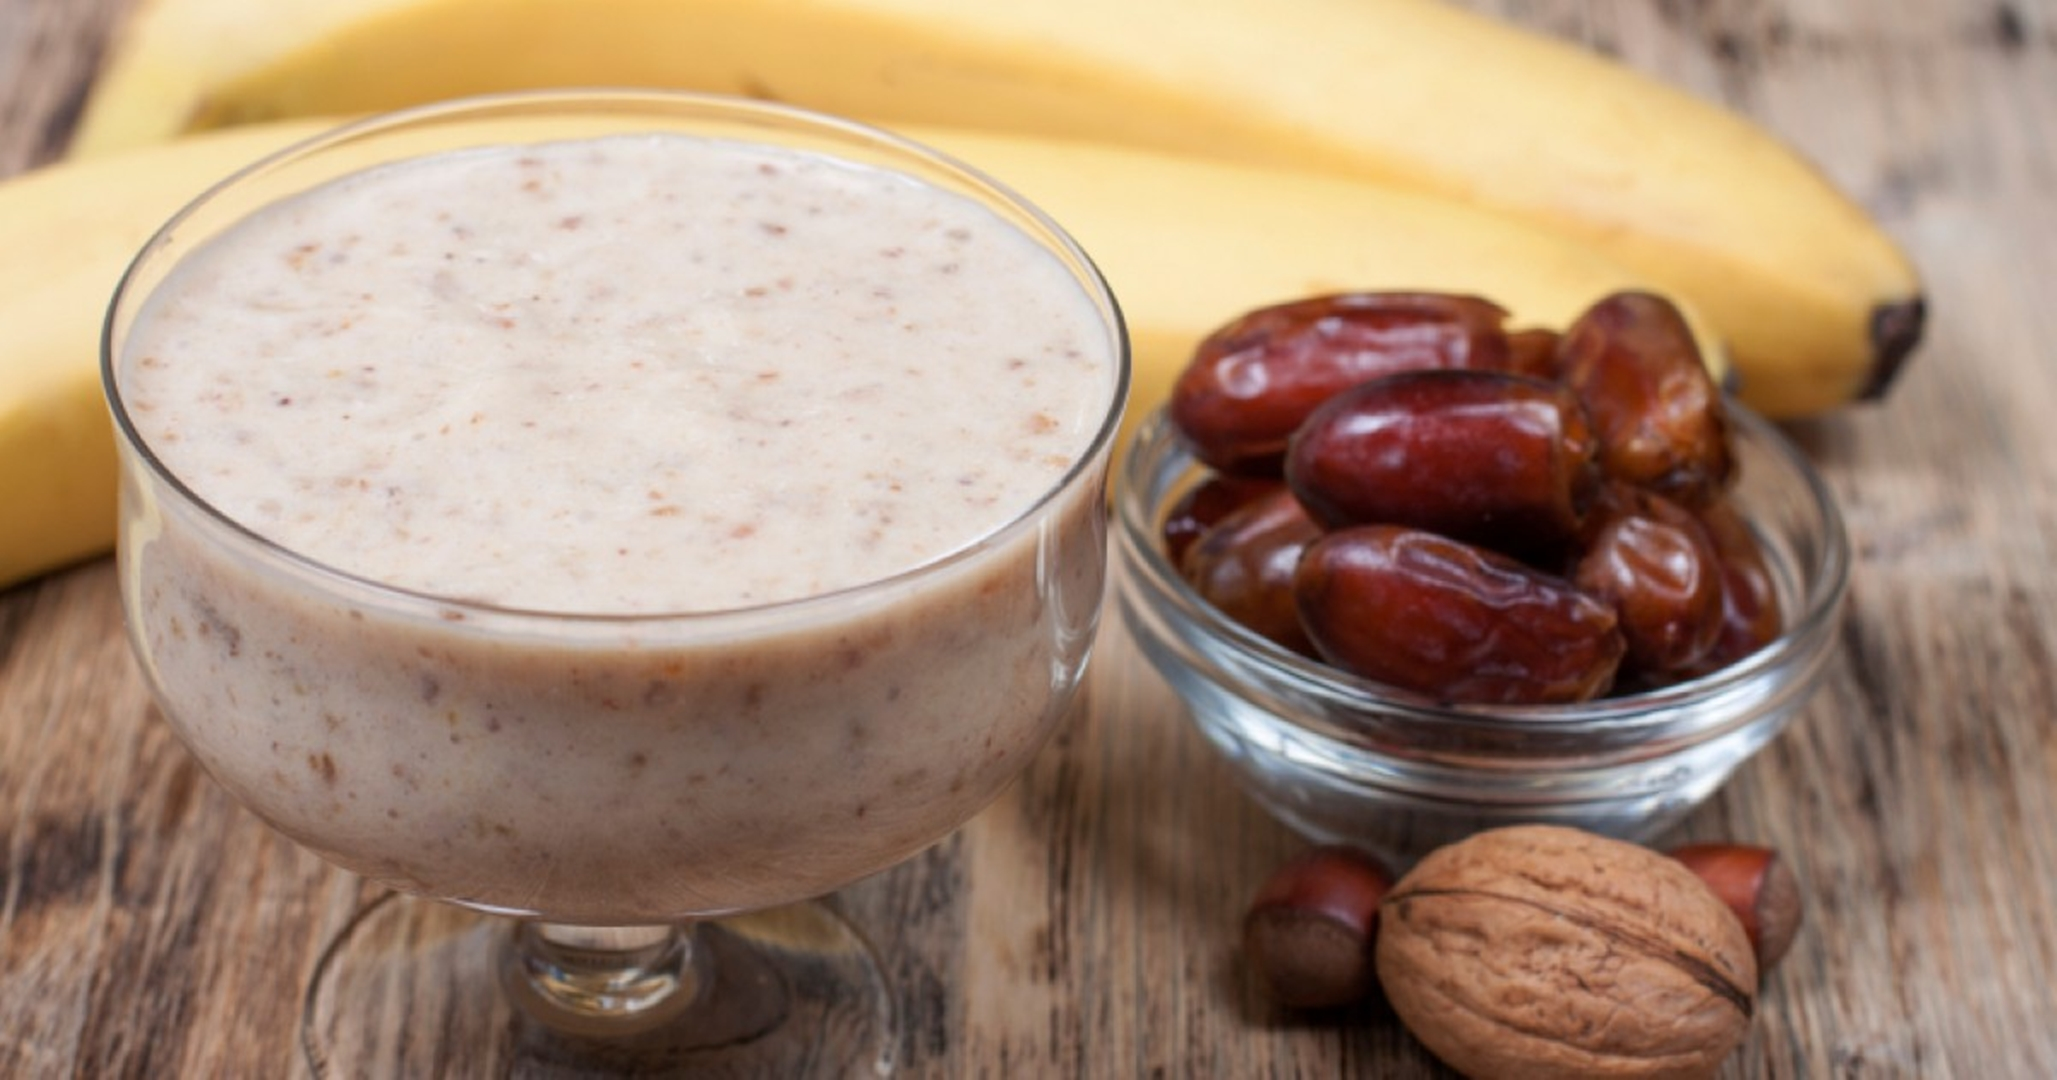 Penderita Diabetes, Inilah Resep Aman Untuk Buka Puasa Dan Sahur 3